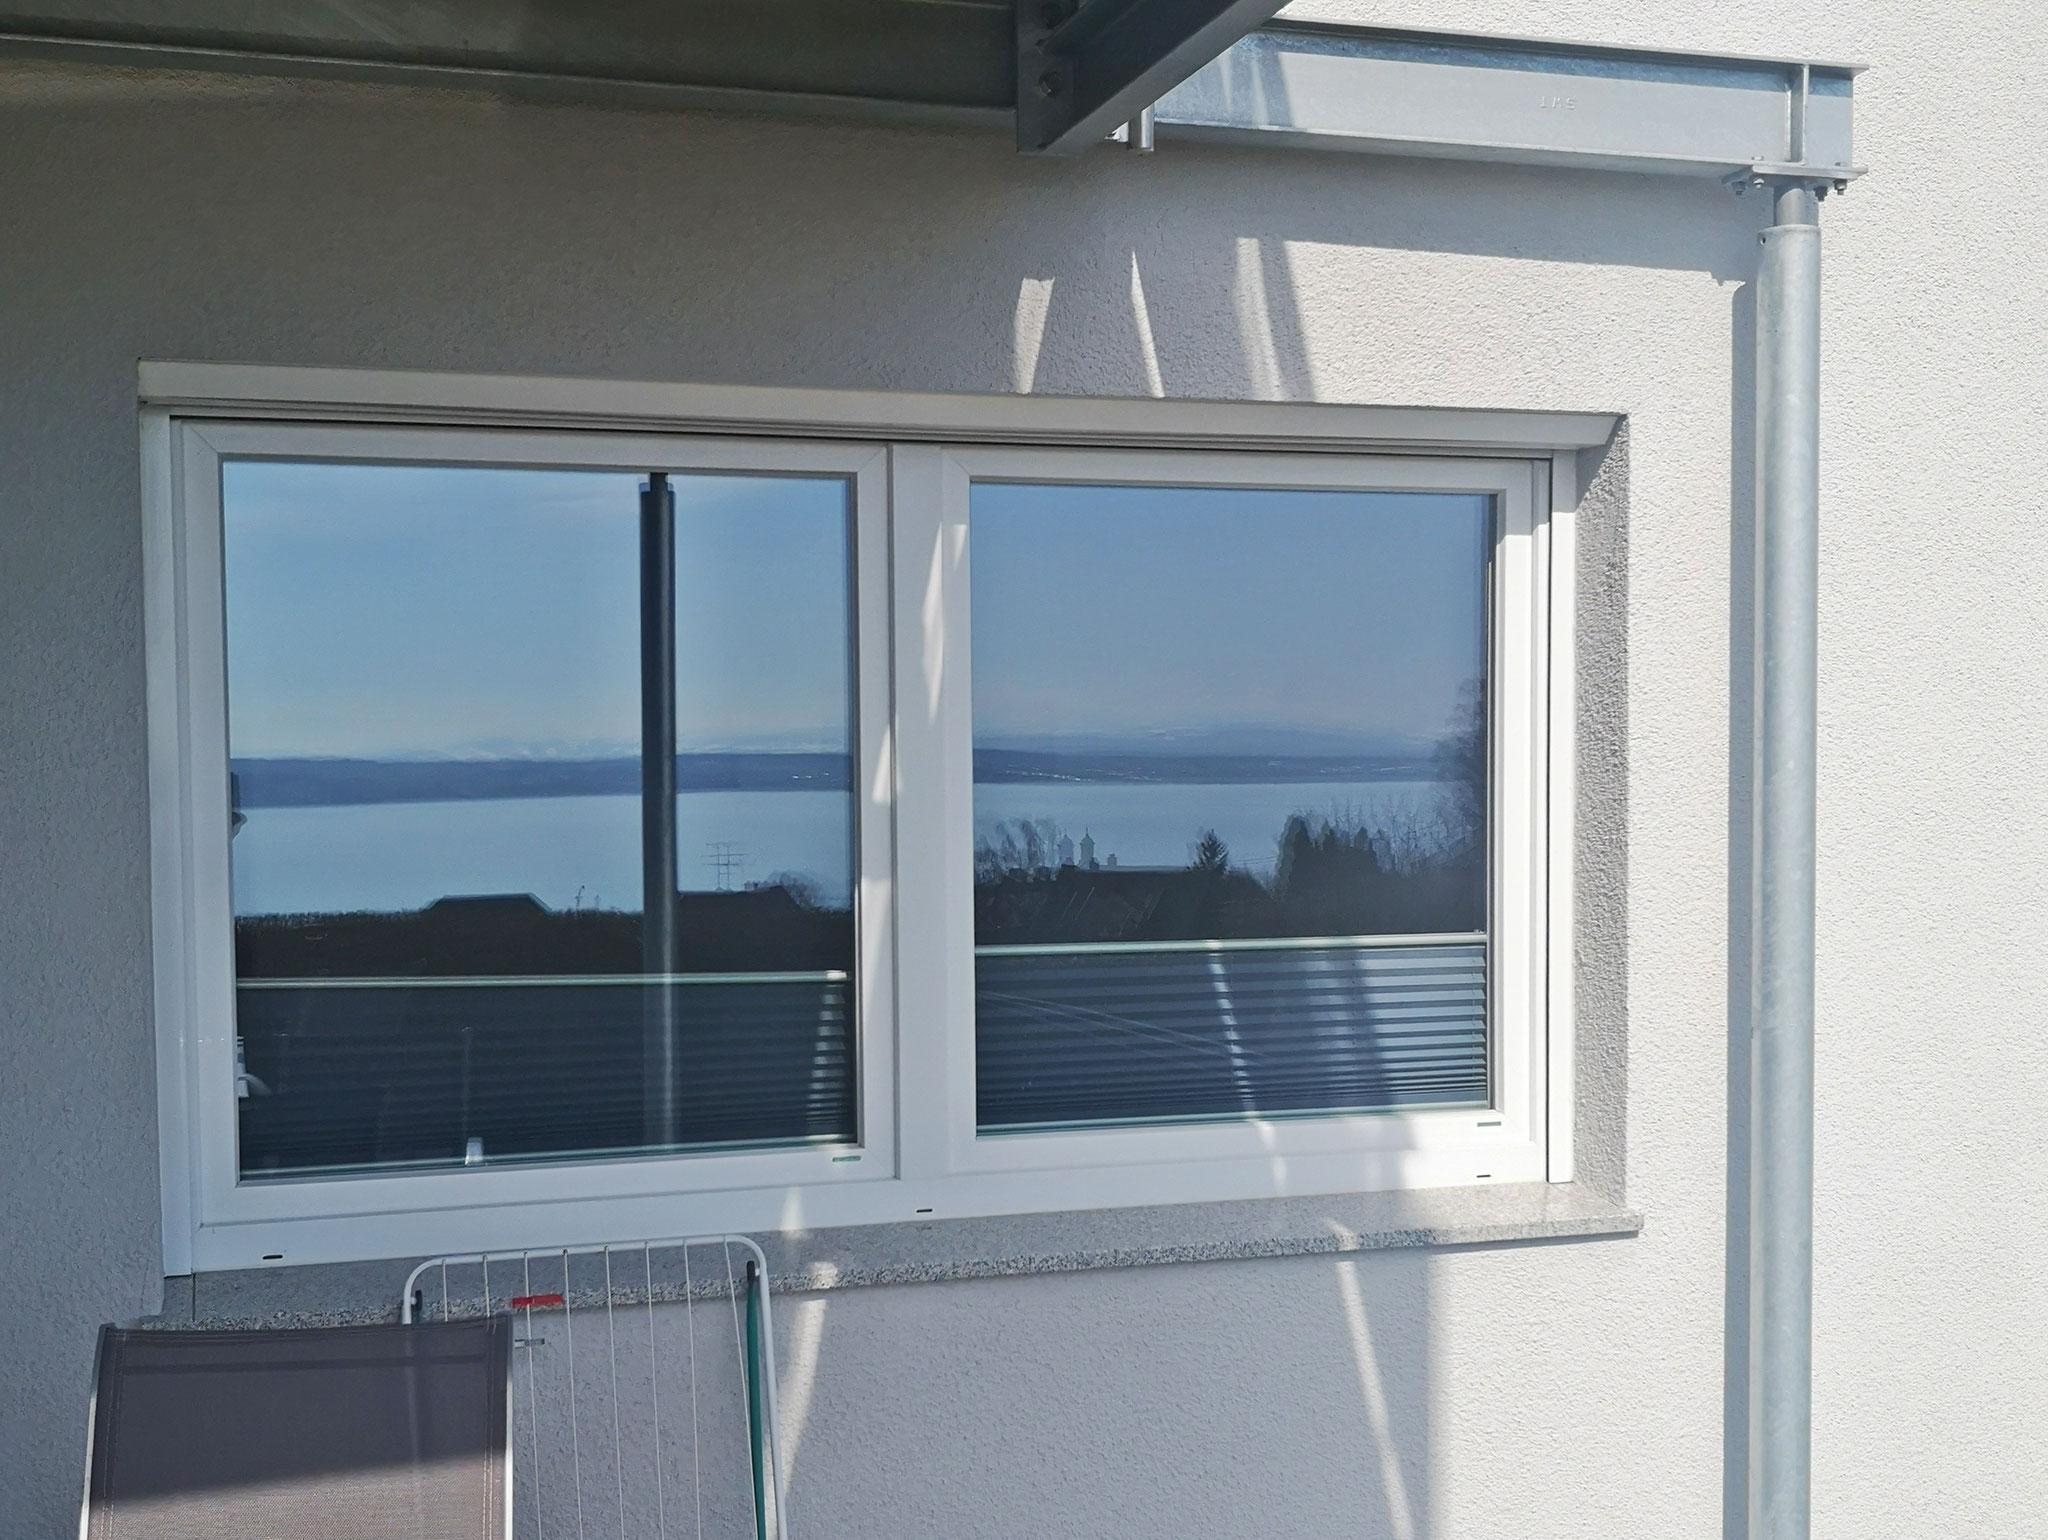 gespiegelter Seeblick im Fenster